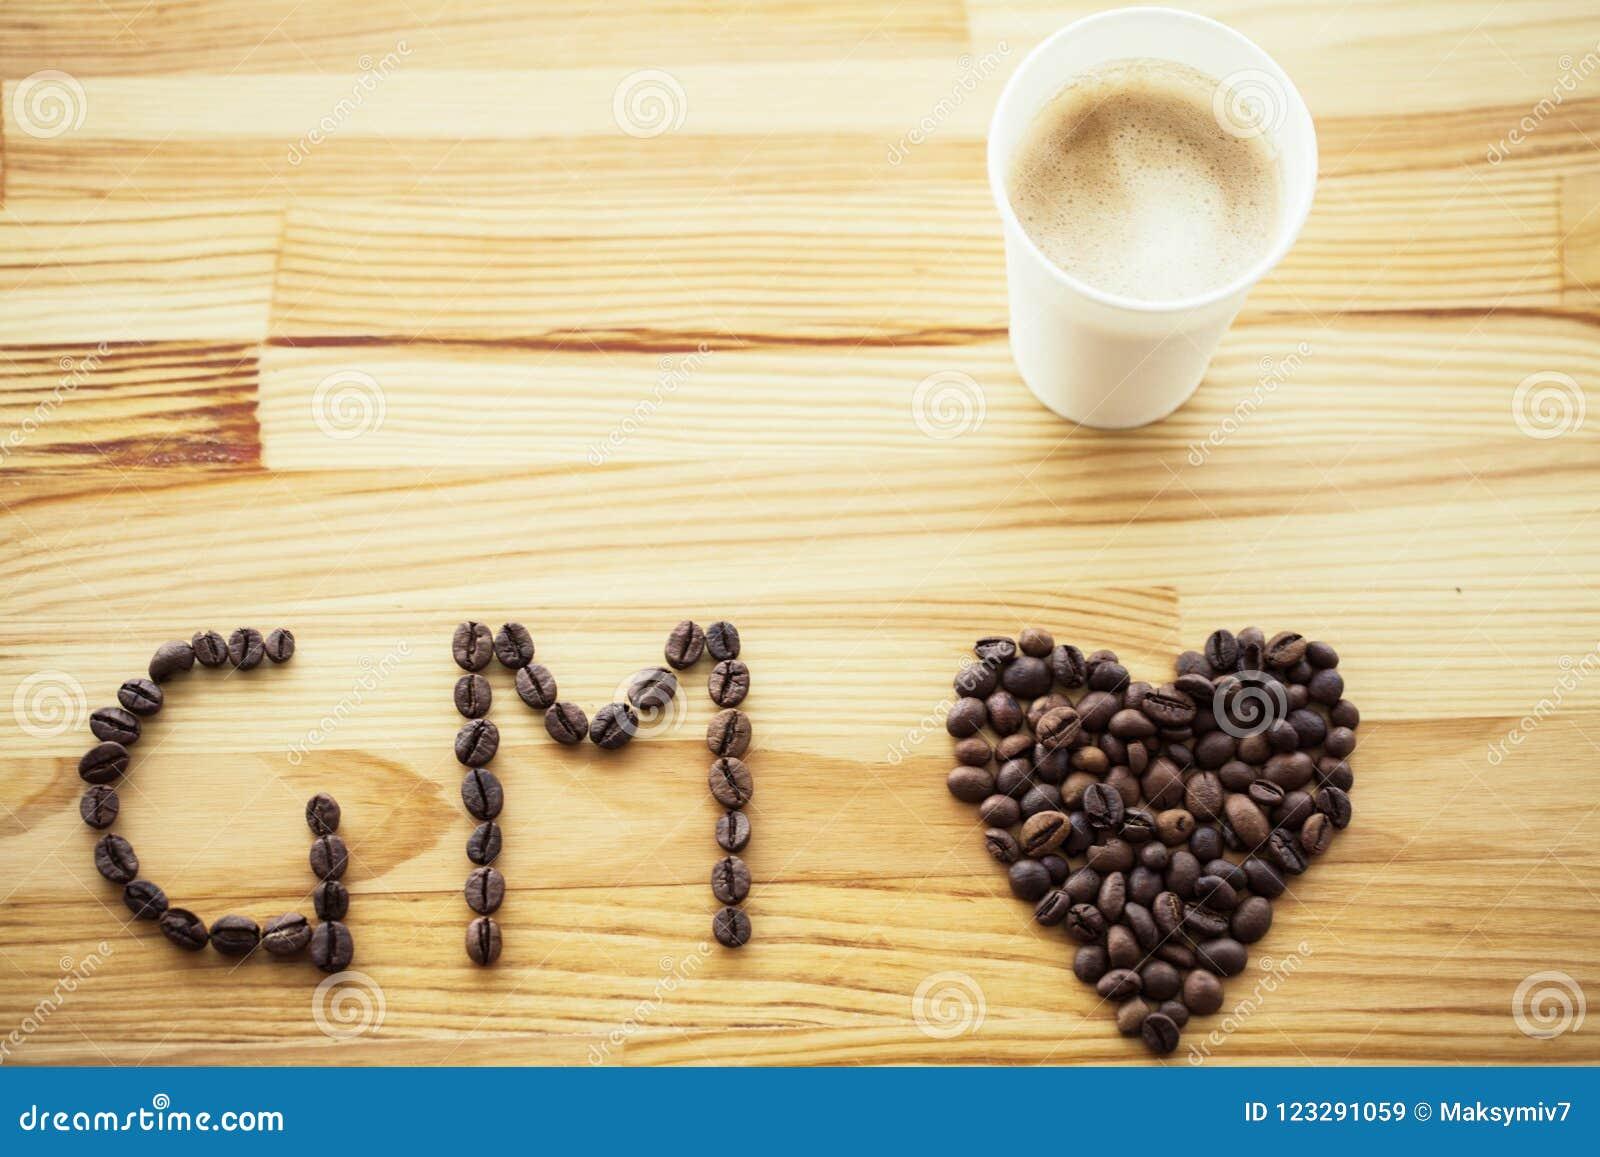 Guten Morgen Kaffee zum zu gehen Kaffeetassen mit Abdeckung und Kaffee sind